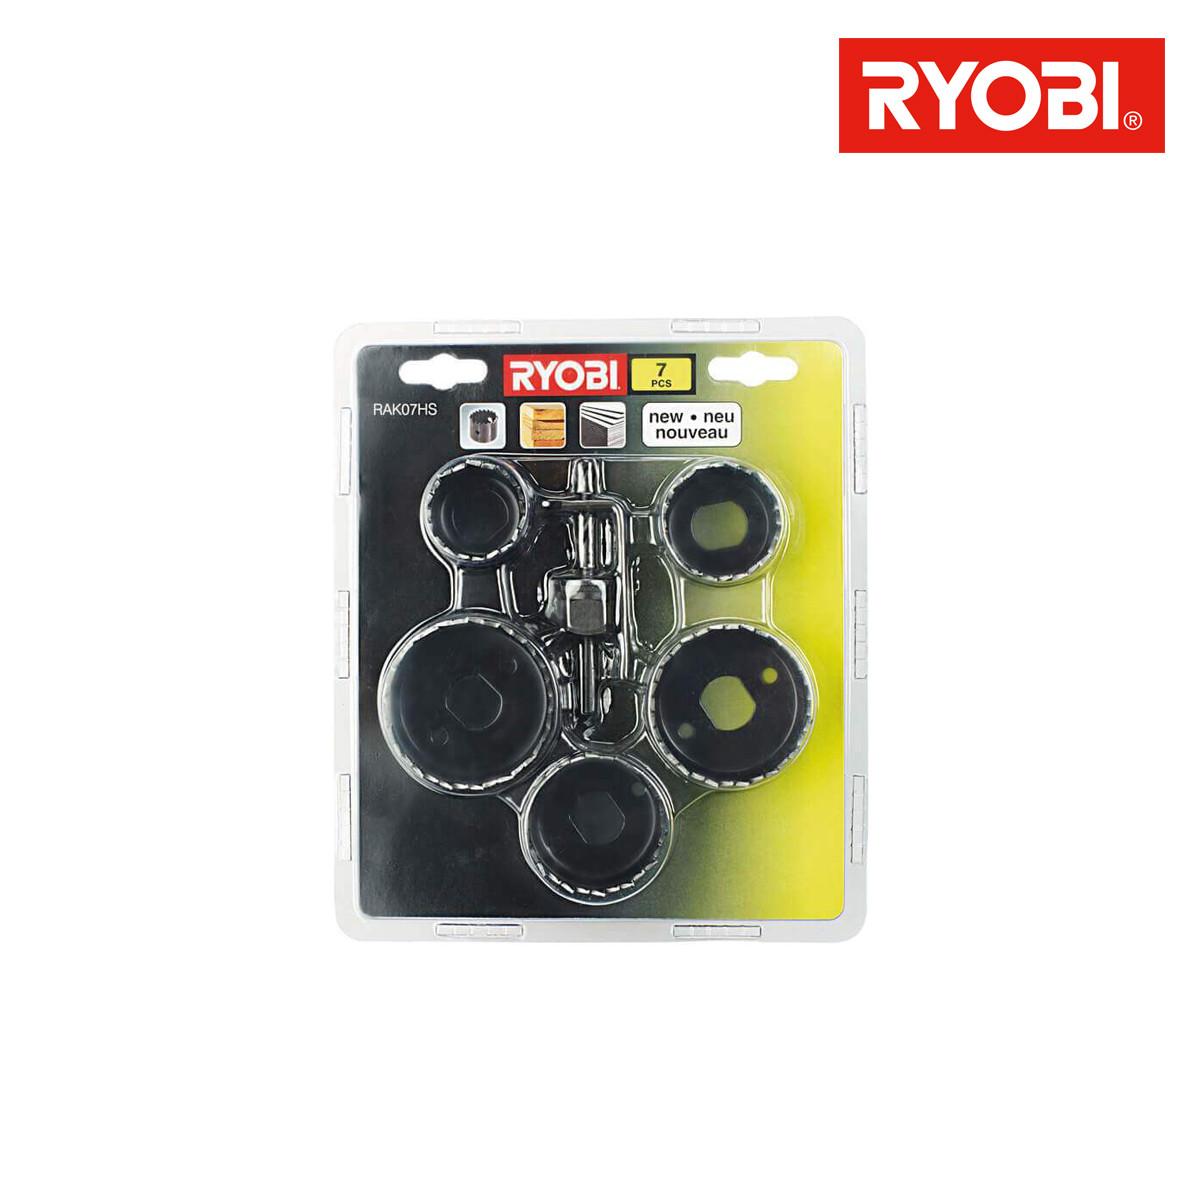 Diametre Scie Cloche Prise De Courant jeu de 7 pièces scie cloche pour le bois ryobi rak07hs